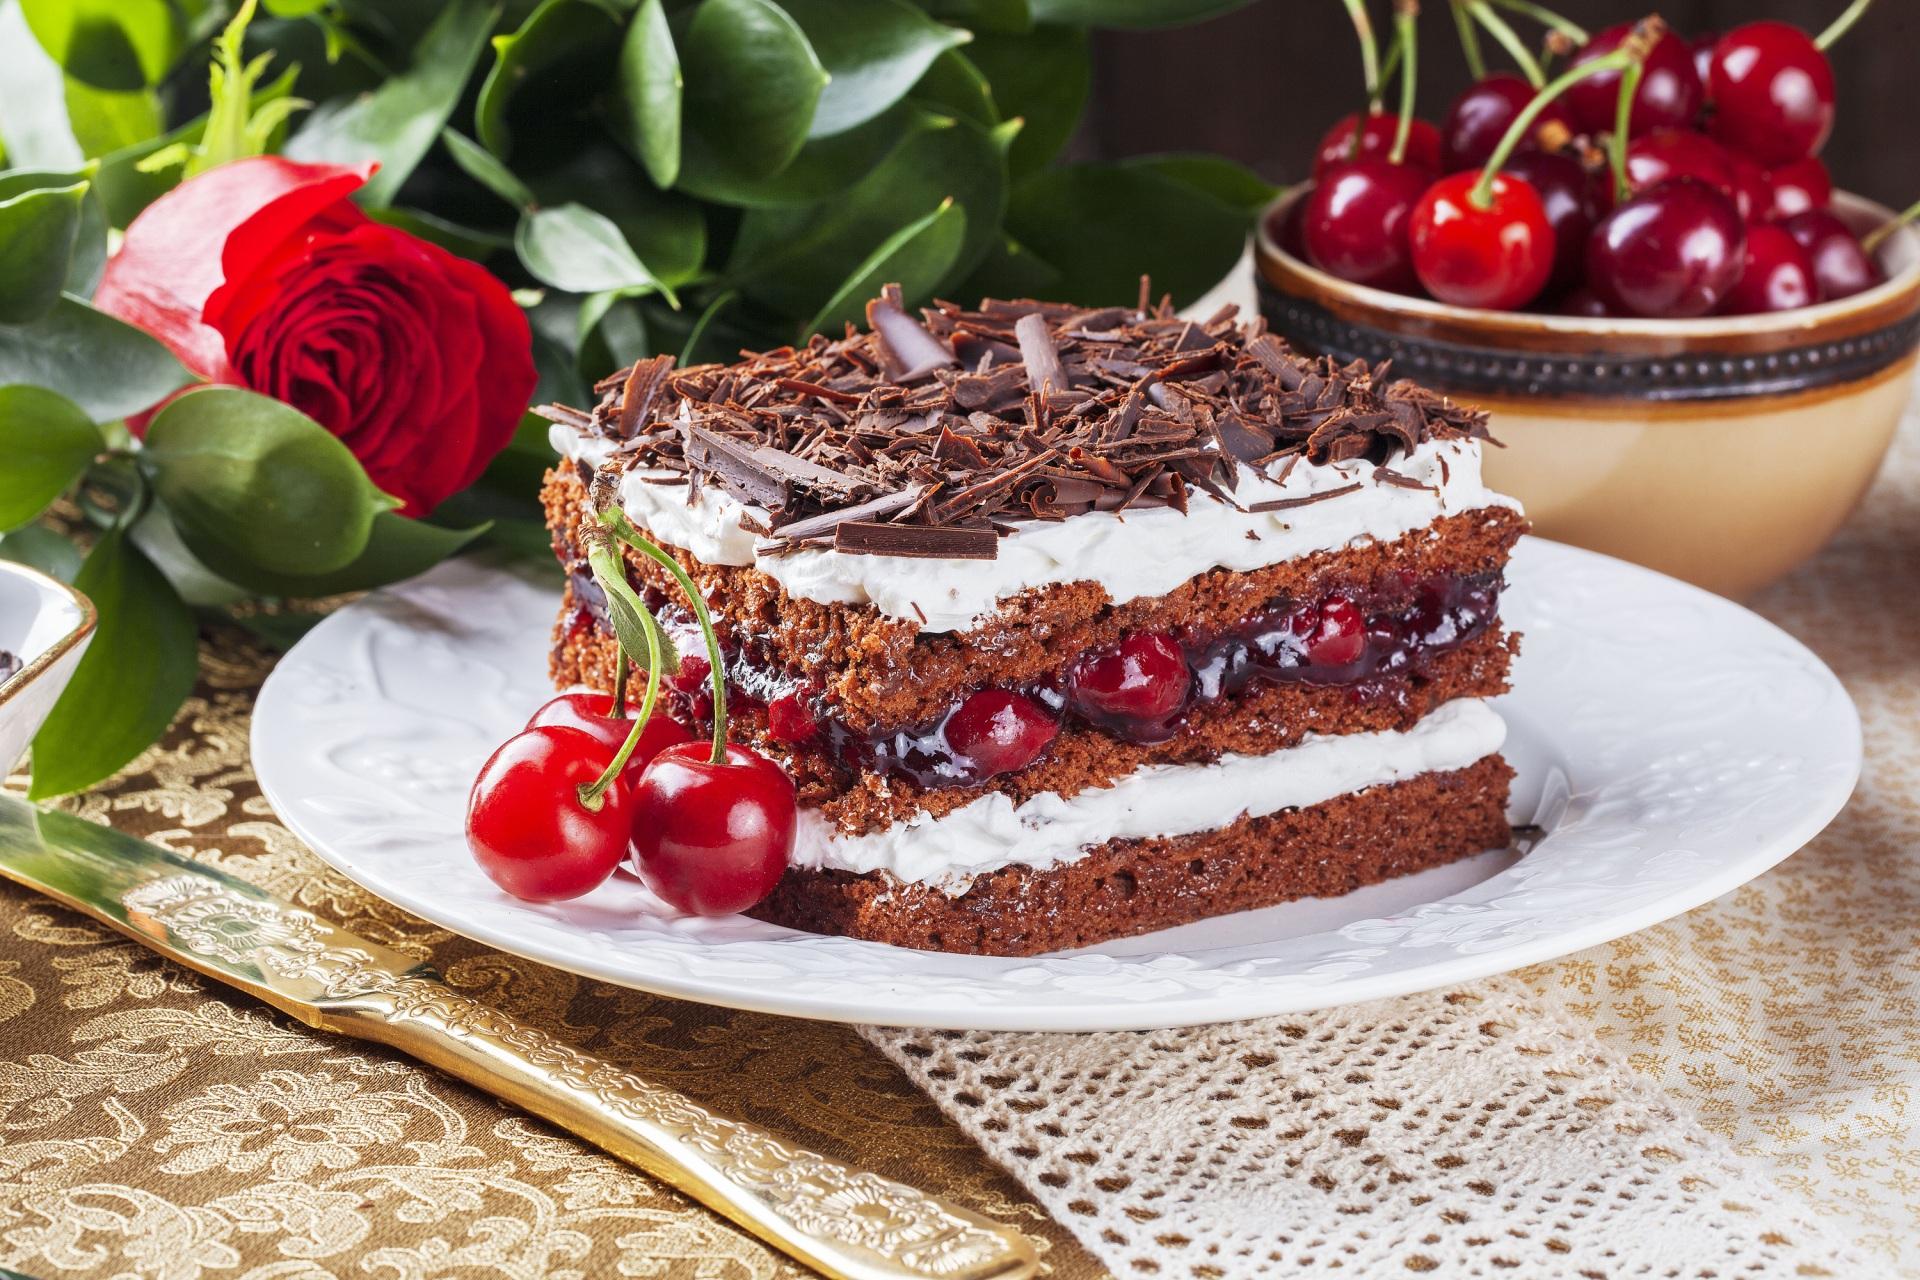 Фото Шоколад Розы Торты Кусок Черешня Продукты питания 1920x1280 часть Вишня Еда Пища